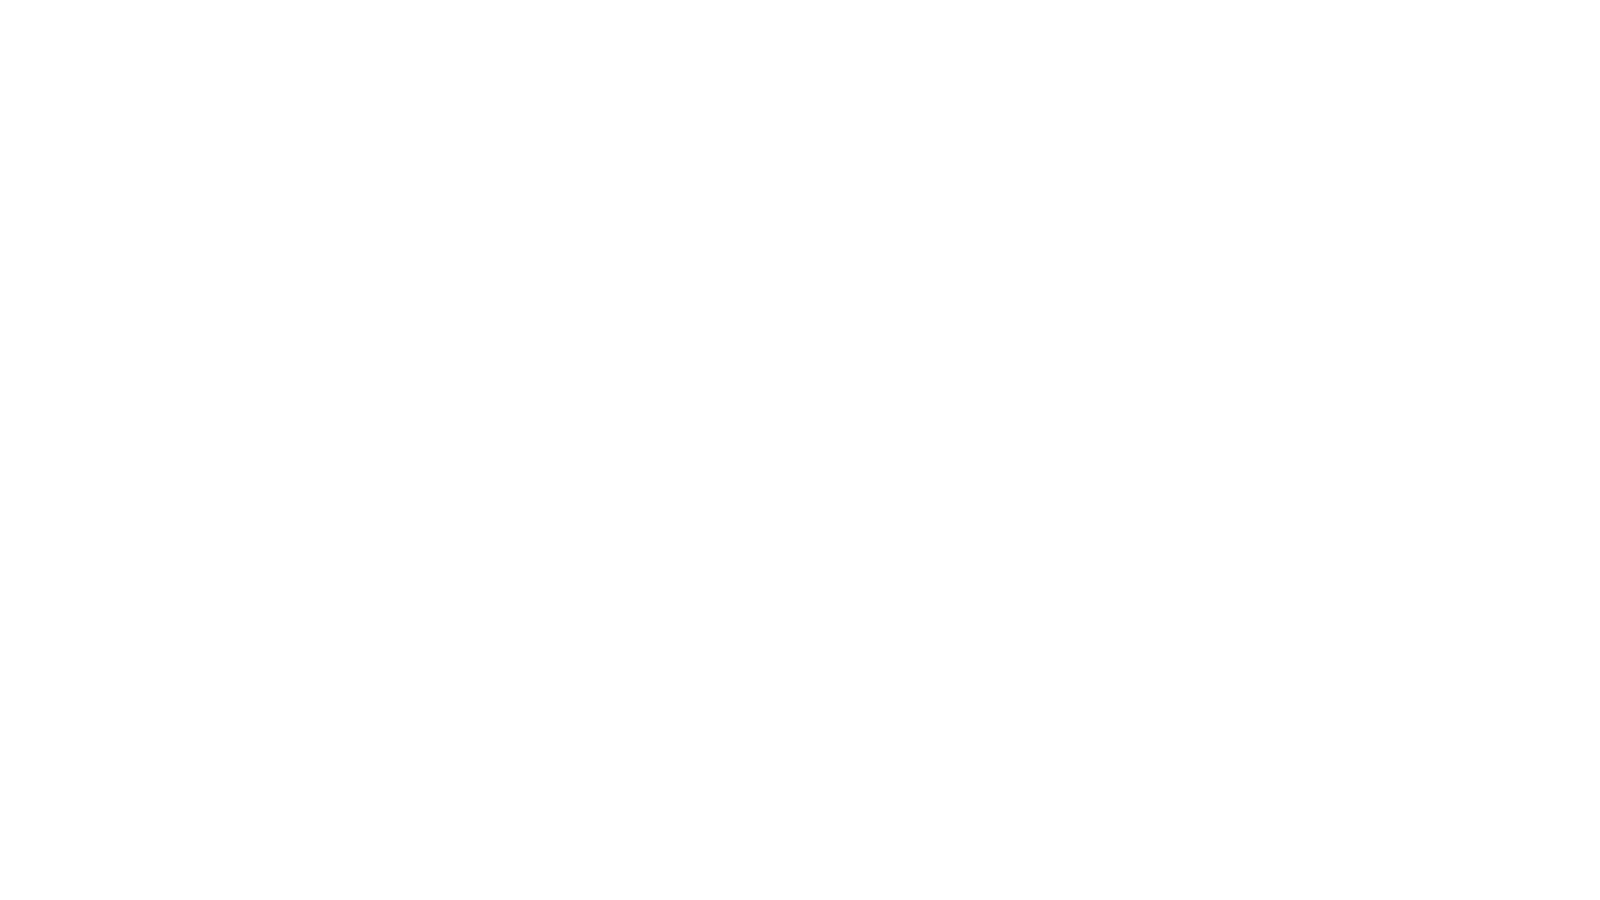 El meteorscattering es la técnica que se usa para el conteo de meteoros. Se basa en la reflexión temporal de las ondas electromagnéticas de otro emisor lejano que produce un meteoro cuando ioniza la atmósfera cercana (cola iónica del meteoro) a una altura de 90-110 Km, pudiendo llegar aunque el emisor esté tan lejos que no recibamos señal.   Anena yagi 4 elem. con un receptor ICOM PCR1000. Anlaśis de señal con SpectrumLab + script de detección. (Los datos se recogen para anlásis de actividad)  Los meteoros aparecen como trazos brillantes en torno a 1000 Mhz.  Los meteoros más pequeños aparecen como picos de señal, los más grandes aparecen como trazos. Estpos trazos pueden ser horizontales o puede sufrir efecto doppler por el frenado atmósferico, apareciendo al inicio como trazos descendientes o ascendentes (en frecuencia). Con el meteoro es realmente grande el rebote de la señal incluye los armónicos de tal forma que además del trazo se observan líneas de señal paralelas en otras frecuencias (armónicas).  También hay otras fuentes posibles de señal como aviones o satélites que crean trazas muy largas y que varían muy lentamente.